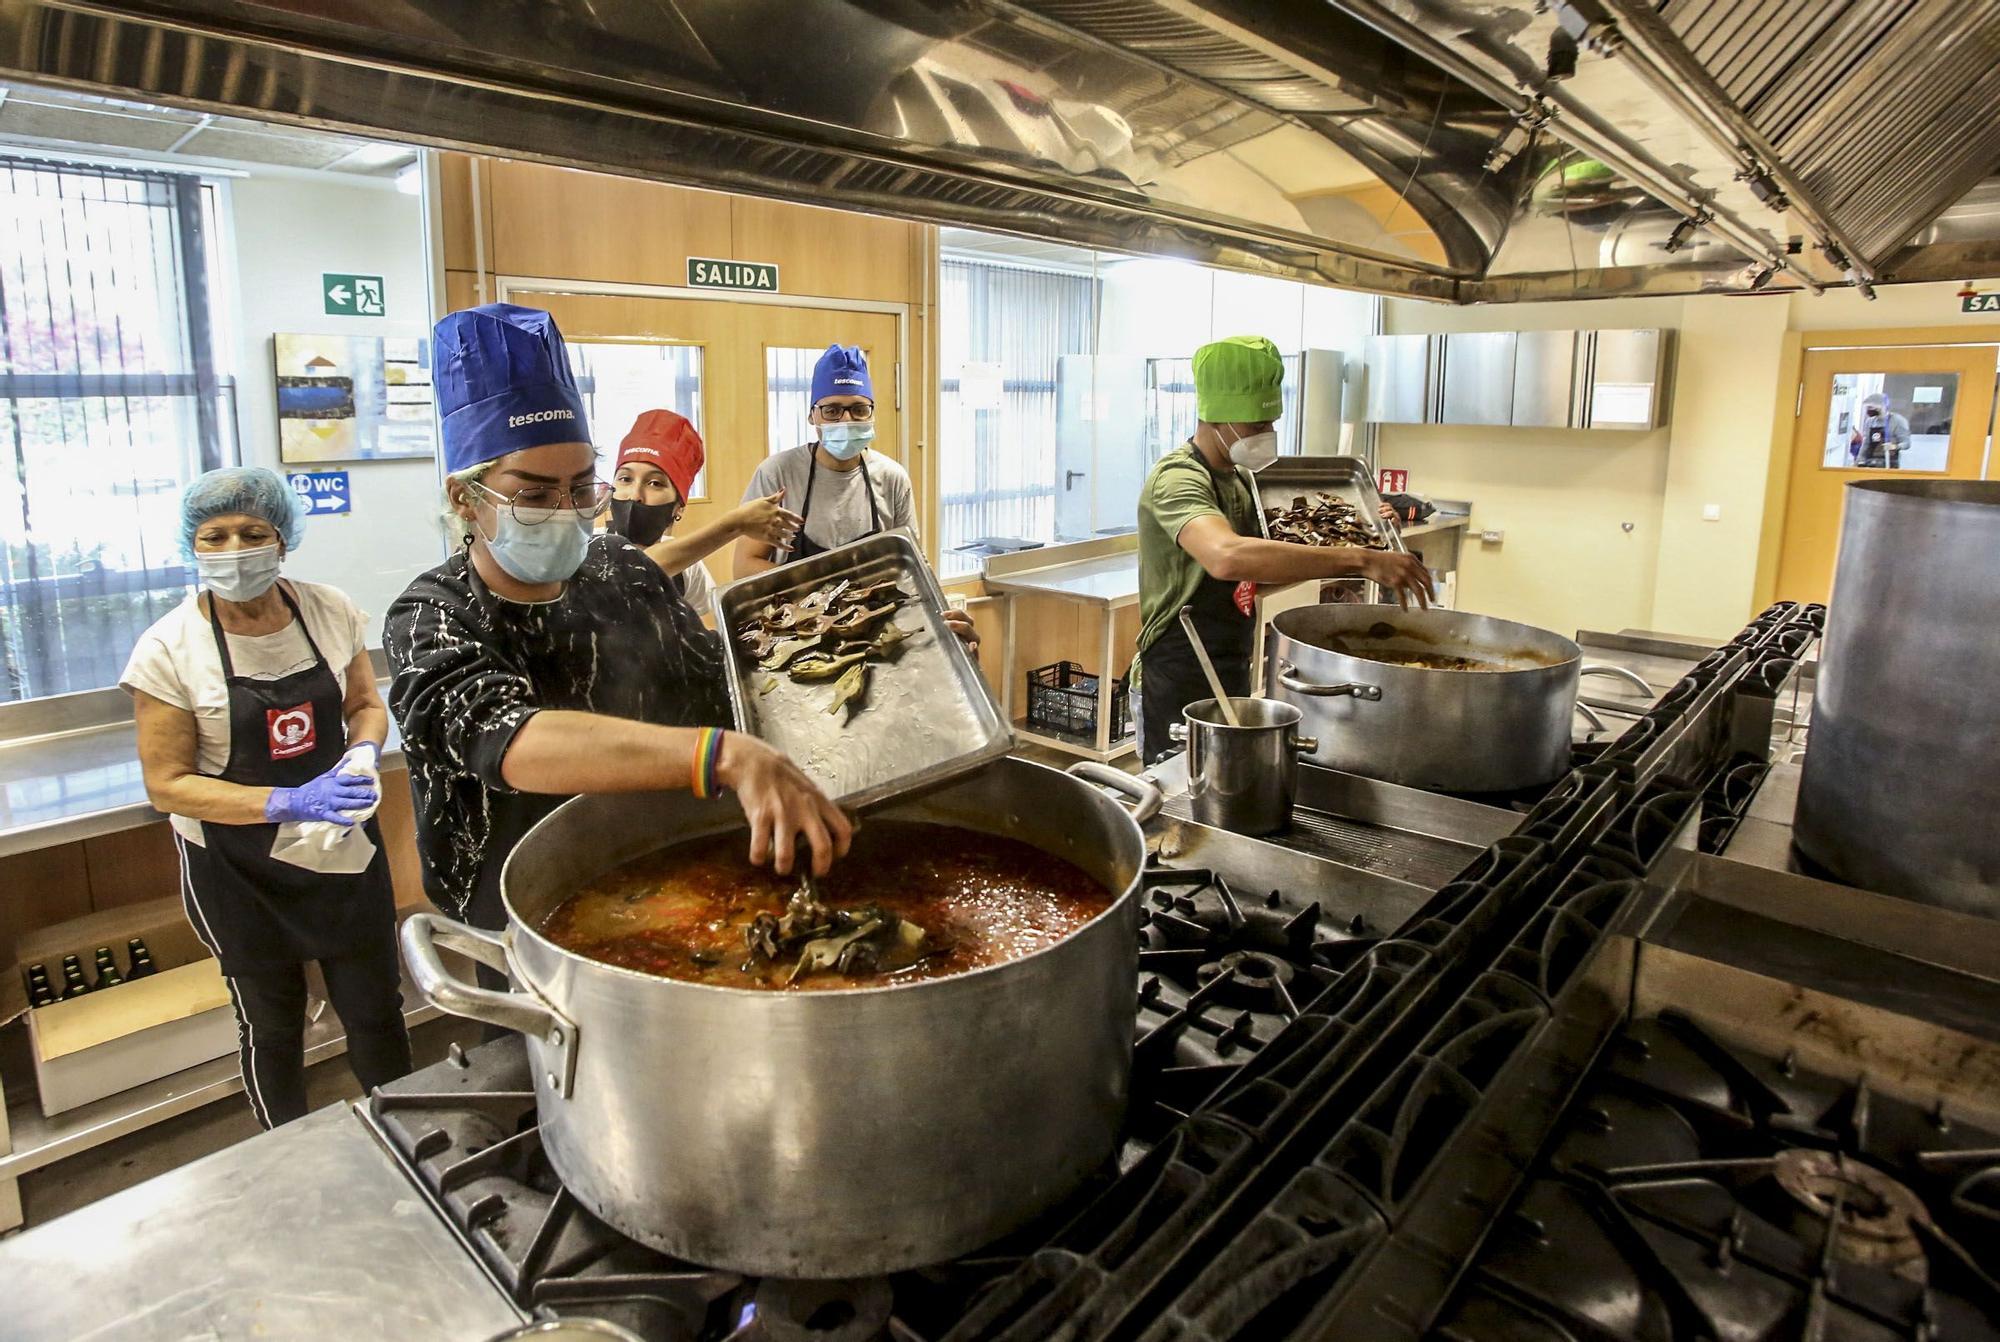 Alicante Gastronómica y la Cámara de Comercio se alían para insertar en el mercado laboral a 30 desempleados y dar de comer a familias sin recursos